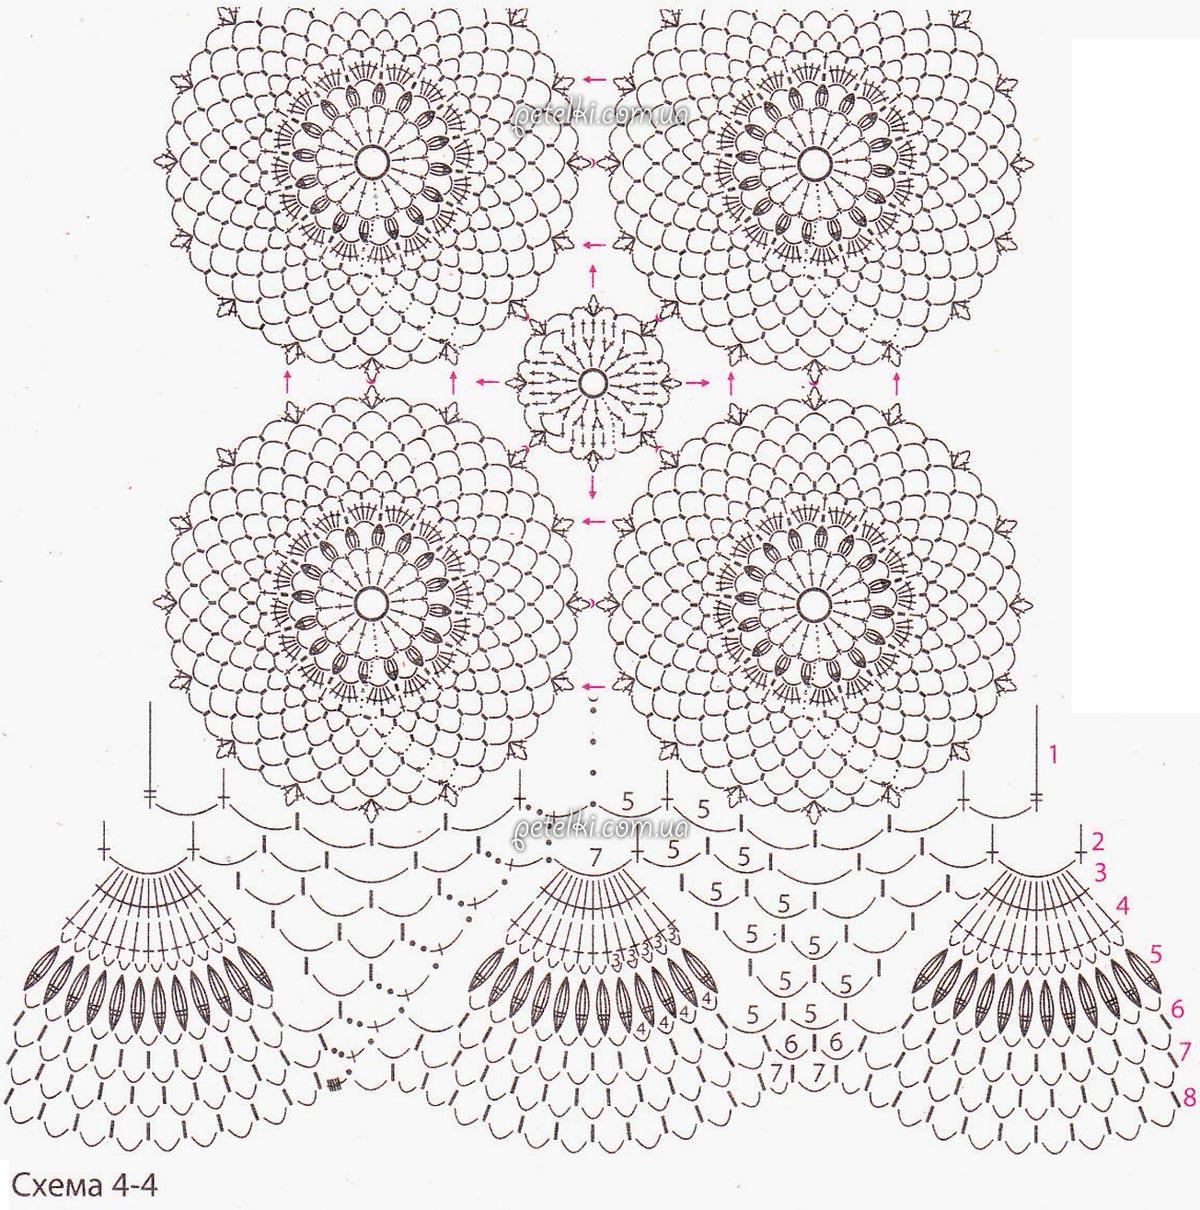 Вязание крючком схемы круглых мотивов крючком 10